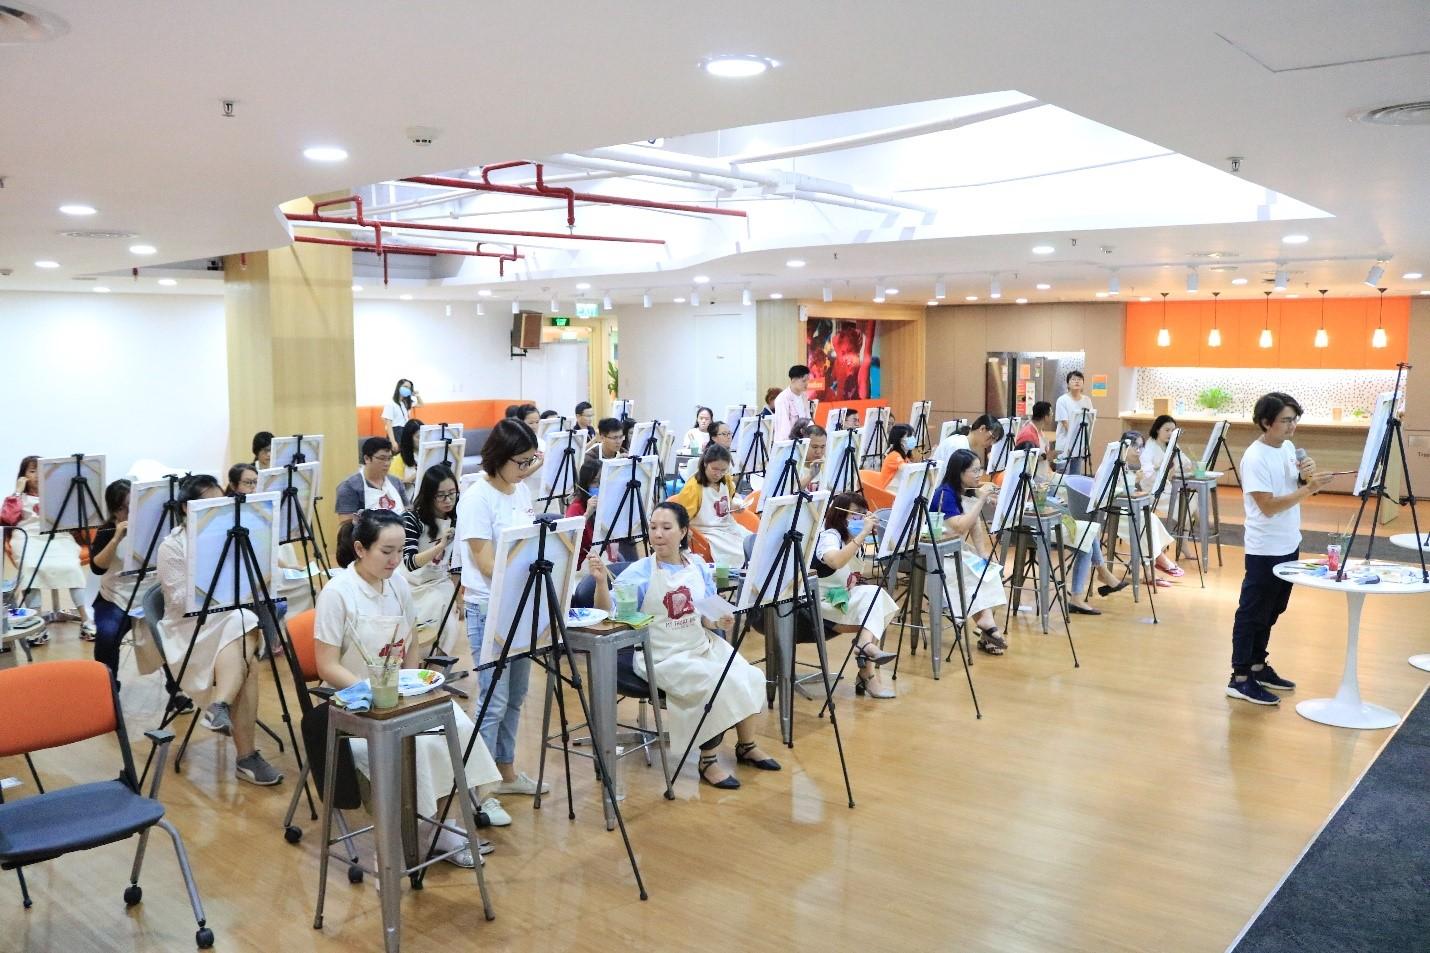 Nhân viên FWD Việt Nam được khuyến khích tham gia nhiều hoạt động thể chất và tinh thần để hòa hợp công việc và cuộc sống tốt hơn.